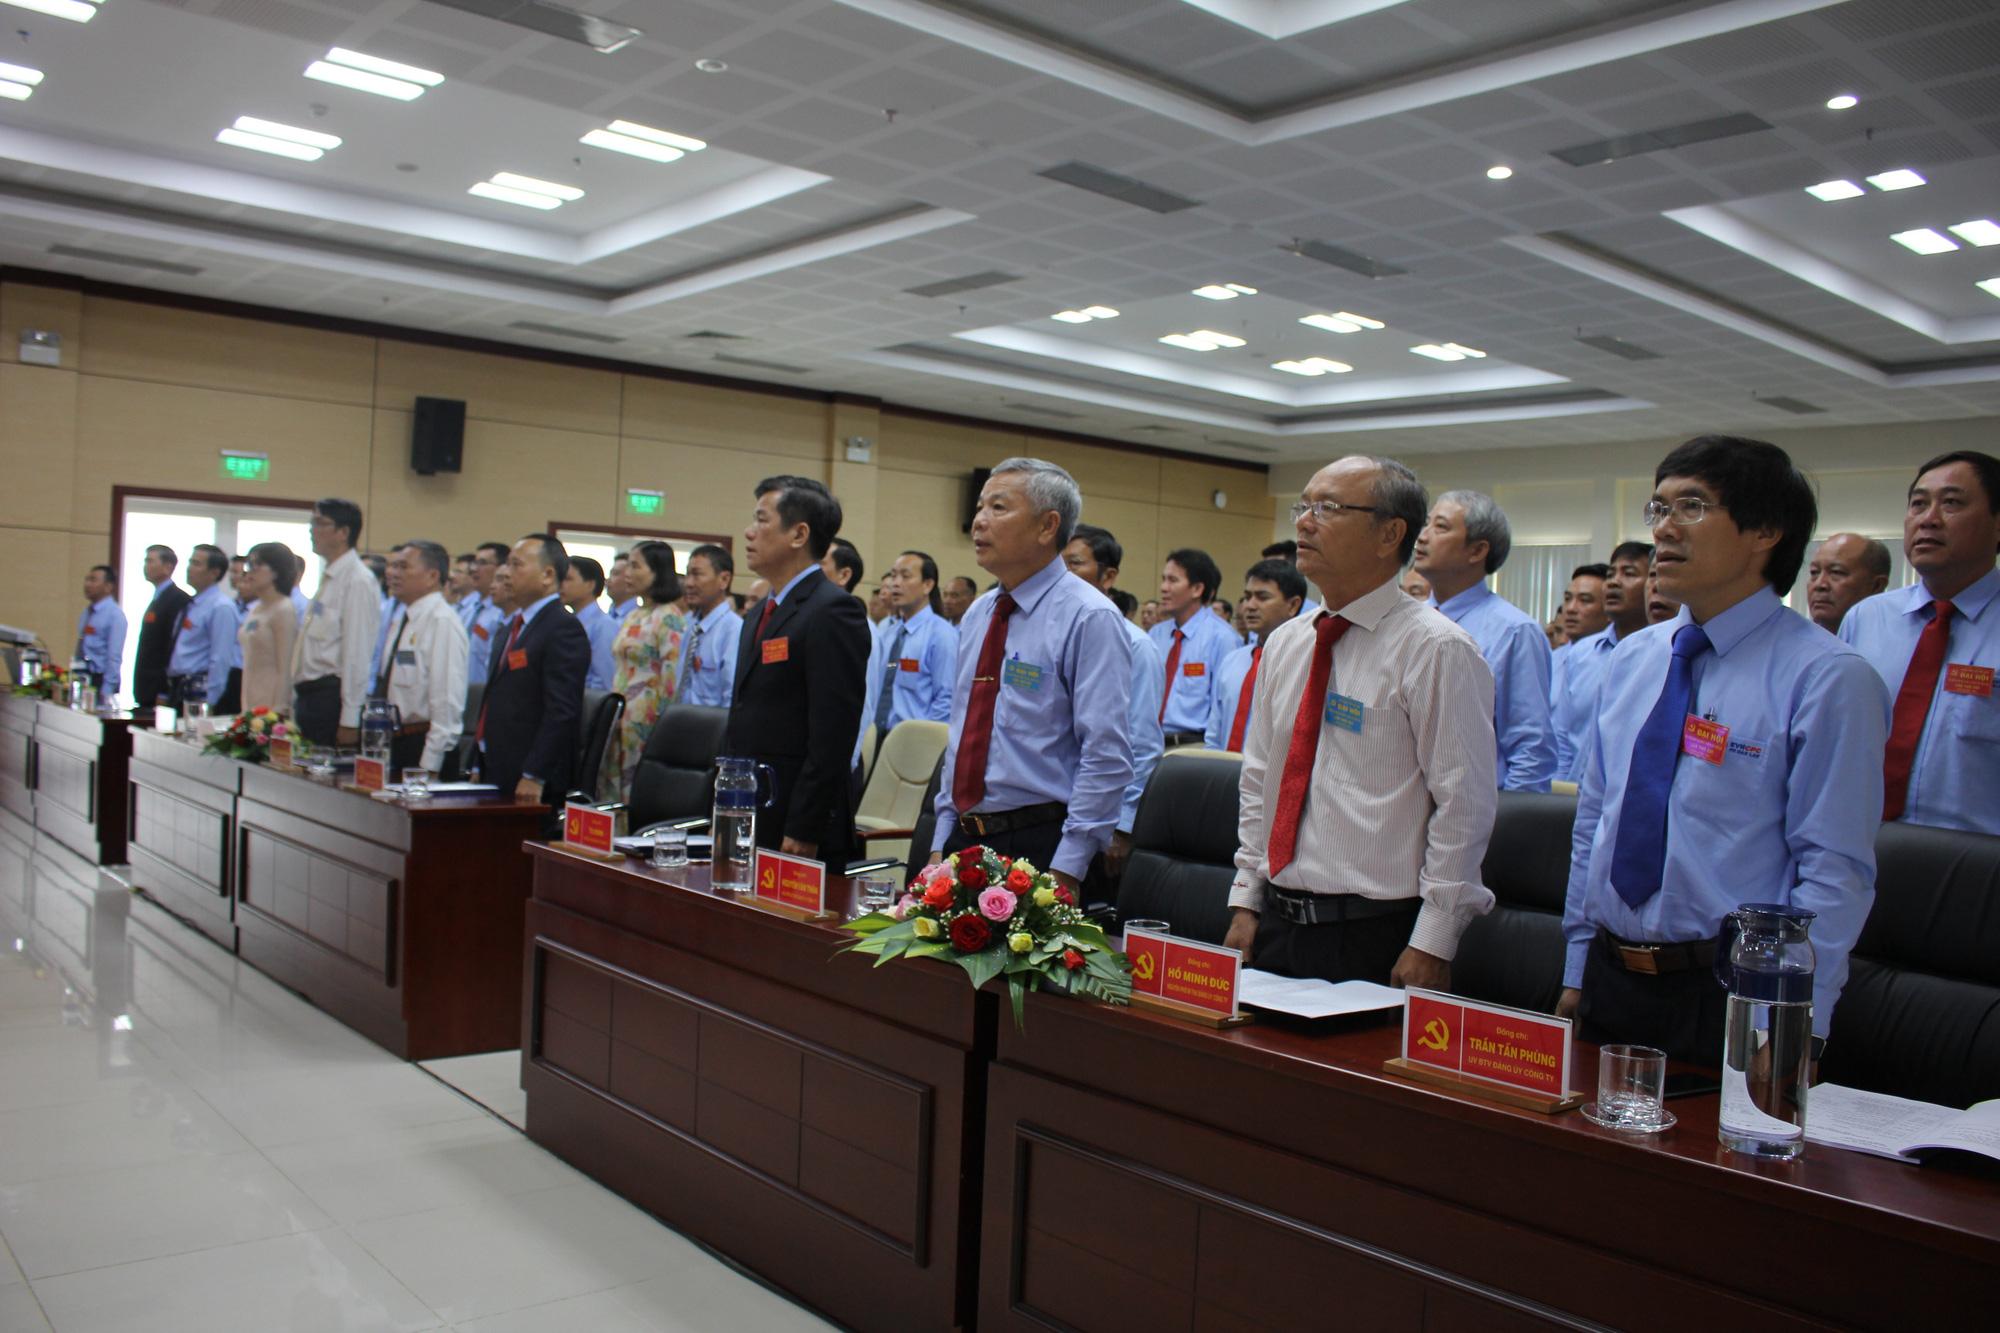 Công ty Điện lực Đắk Lắk tổ chức thành công Đại hội Đảng bộ lần thứ XVI, nhiệm kỳ 2020-2025 - Ảnh 2.